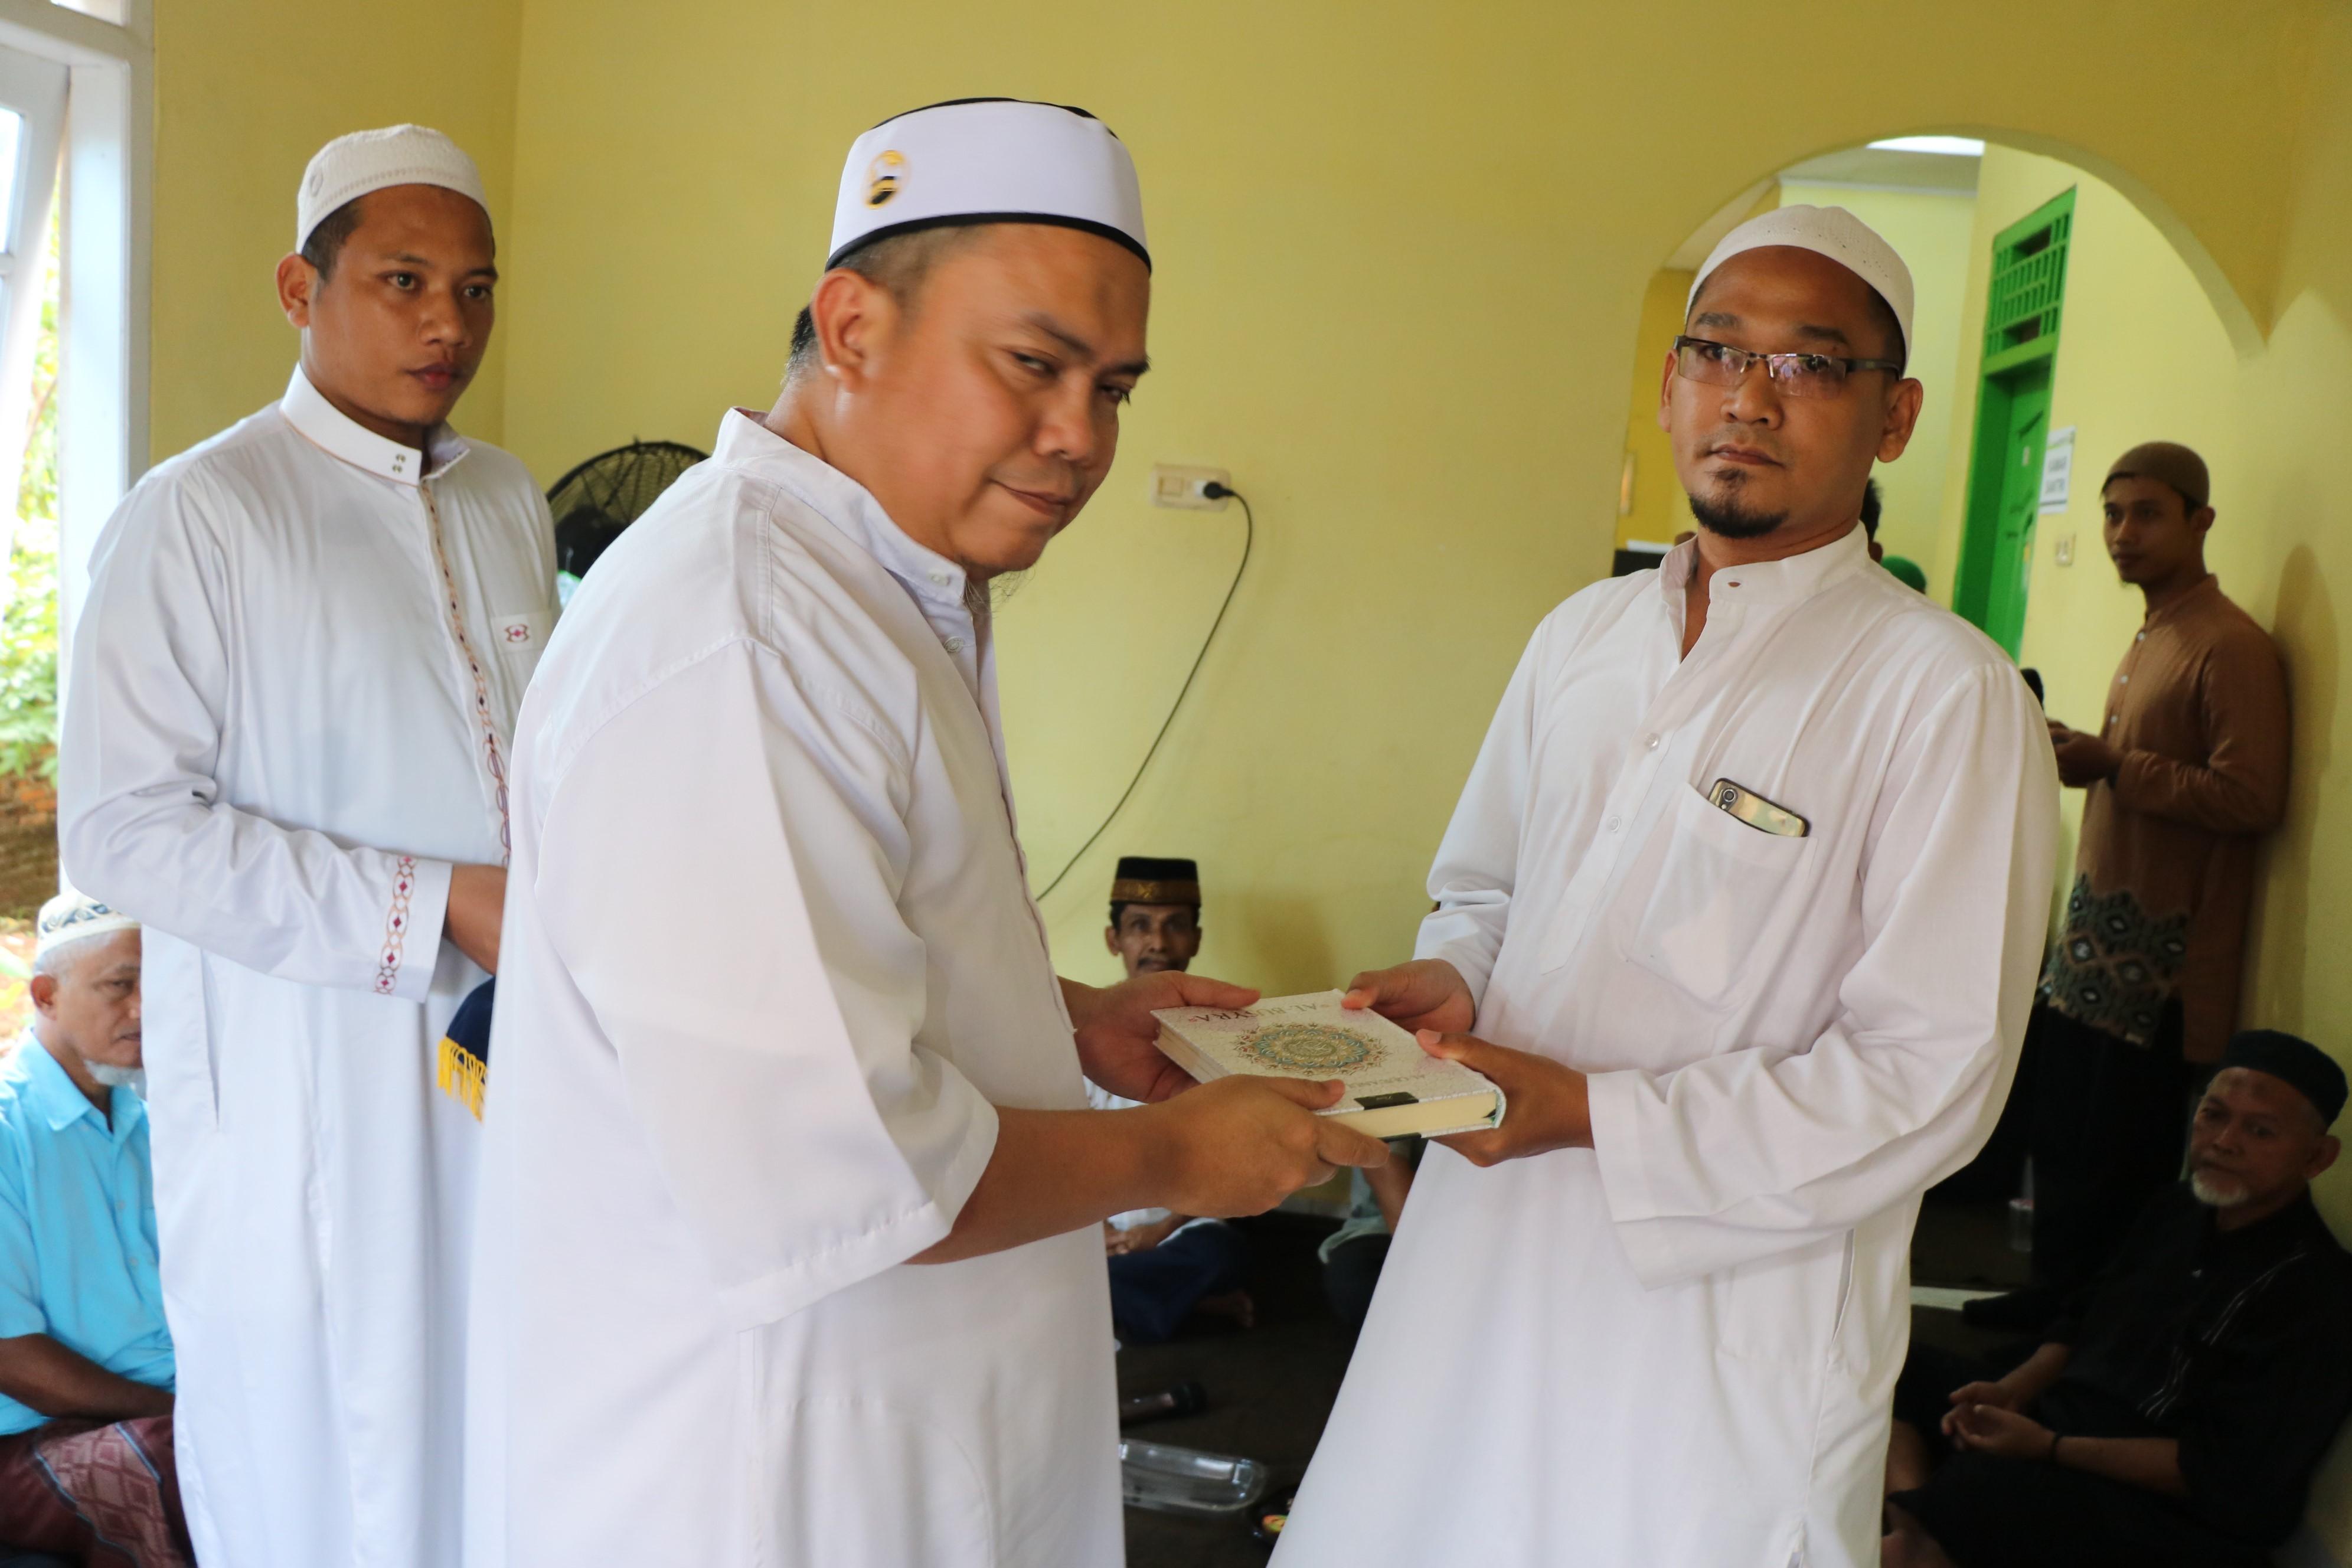 Mahasiswa Didorong Jadi Penghafal Quran